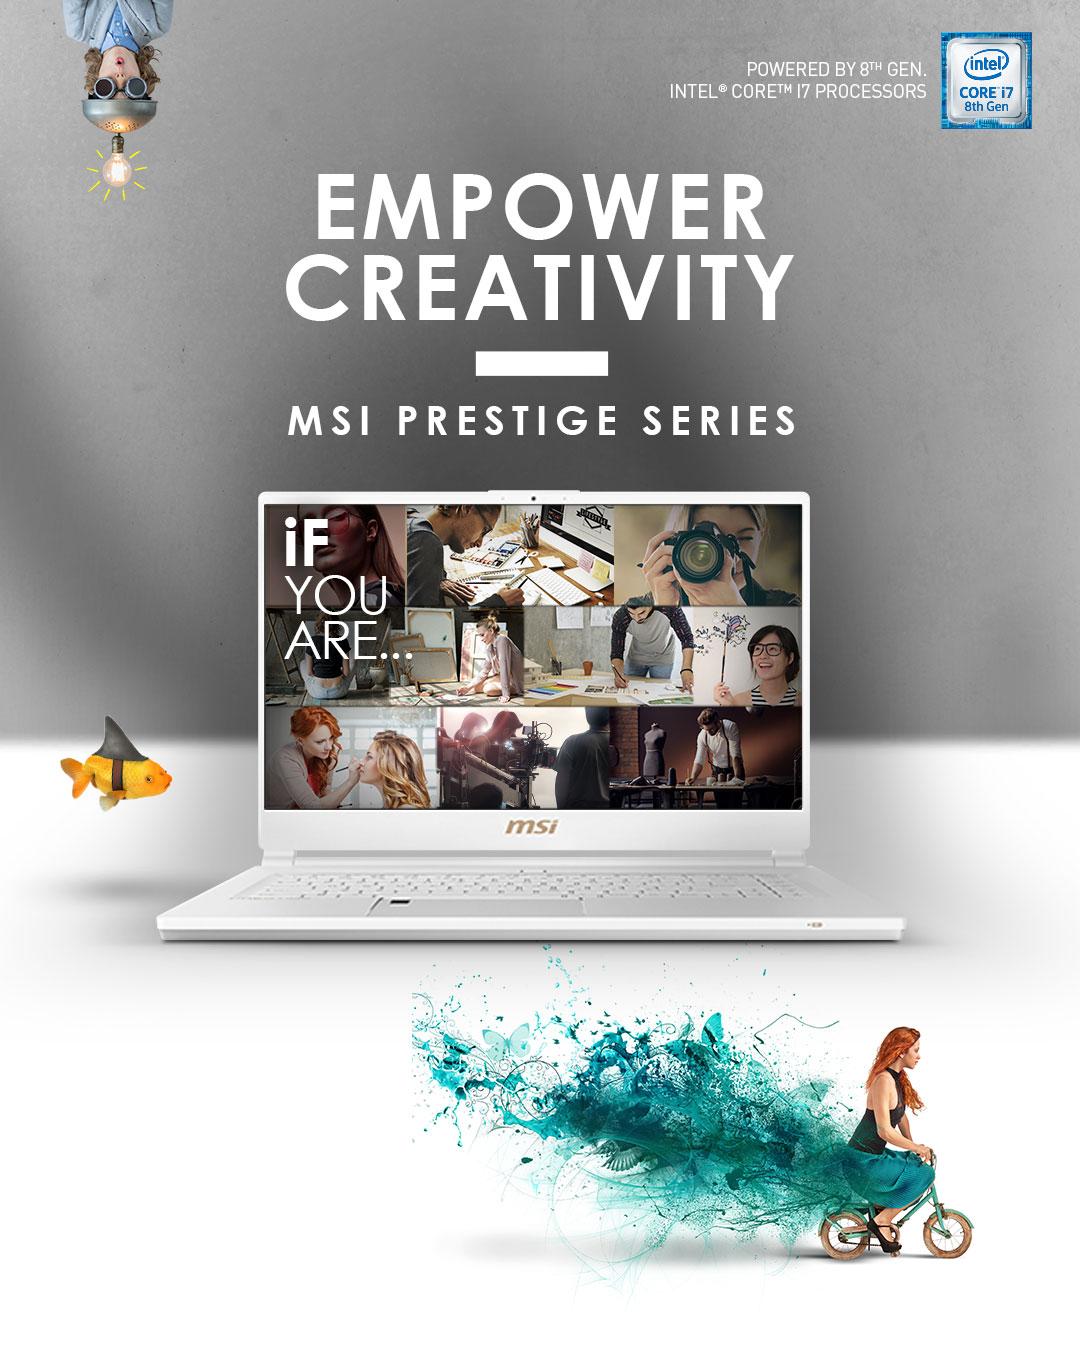 Empower Creativity